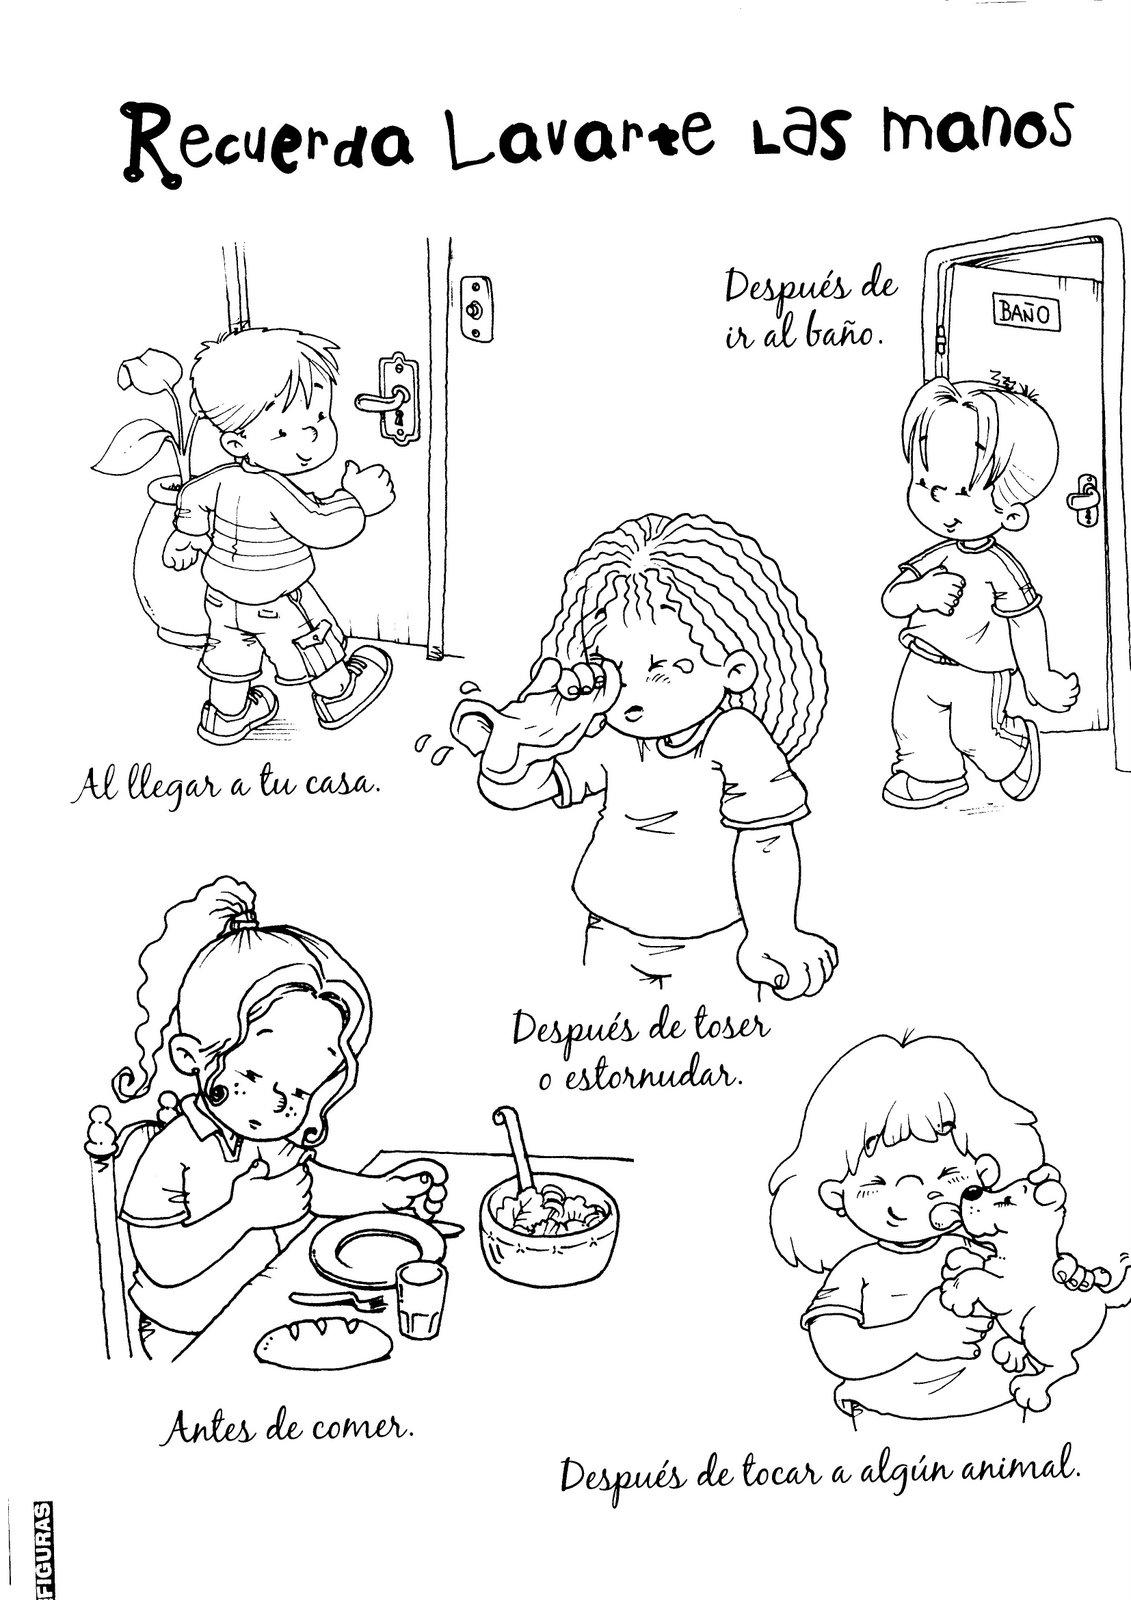 Imagenes Para Taller De Buen Trato Y Respeto Por El Otro